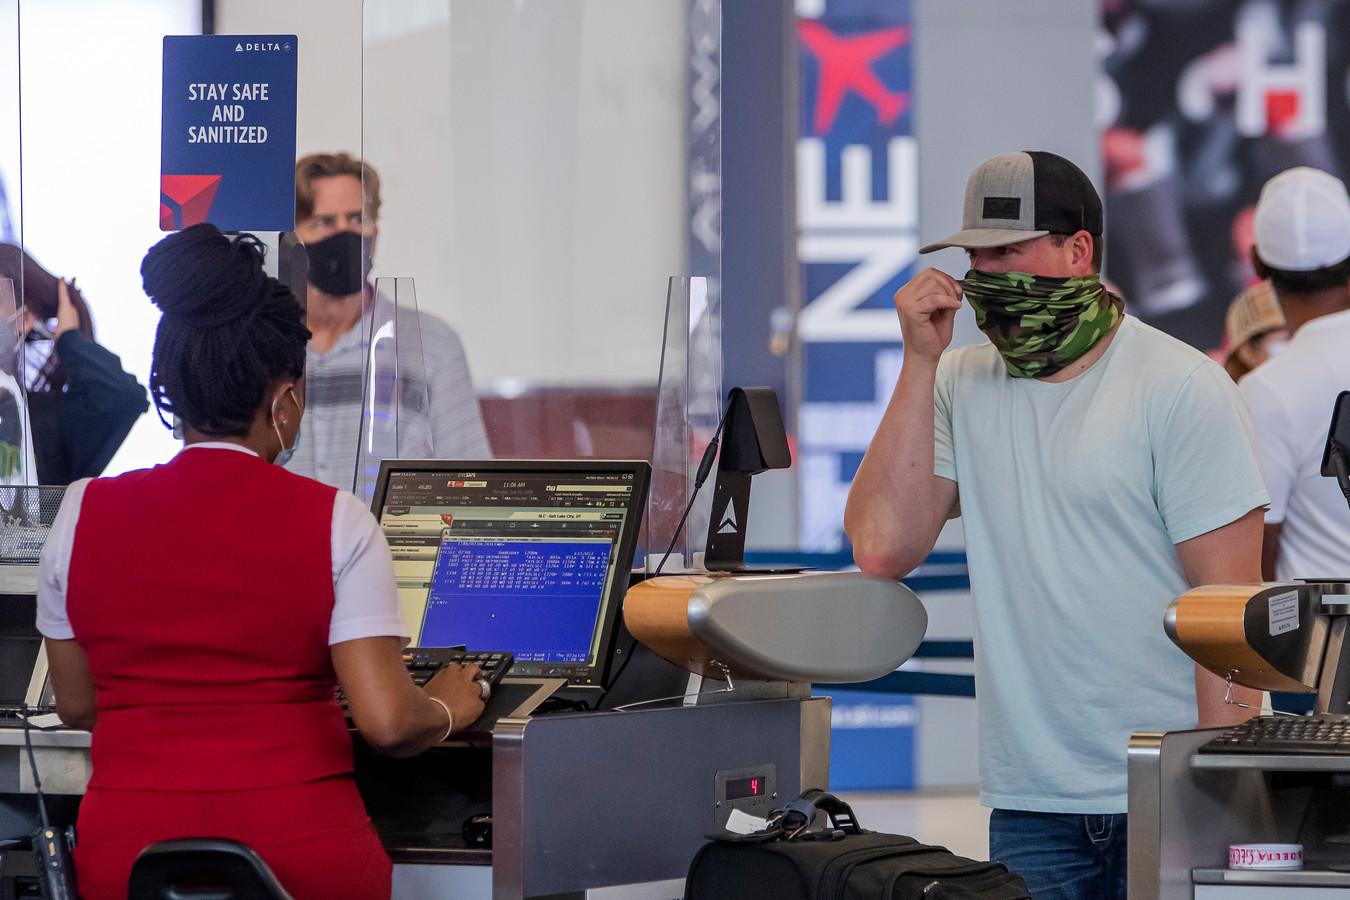 Mensen met mondkapjes en sjaals op bij een desk van Delta Airlines op een luchthaven in de VS.